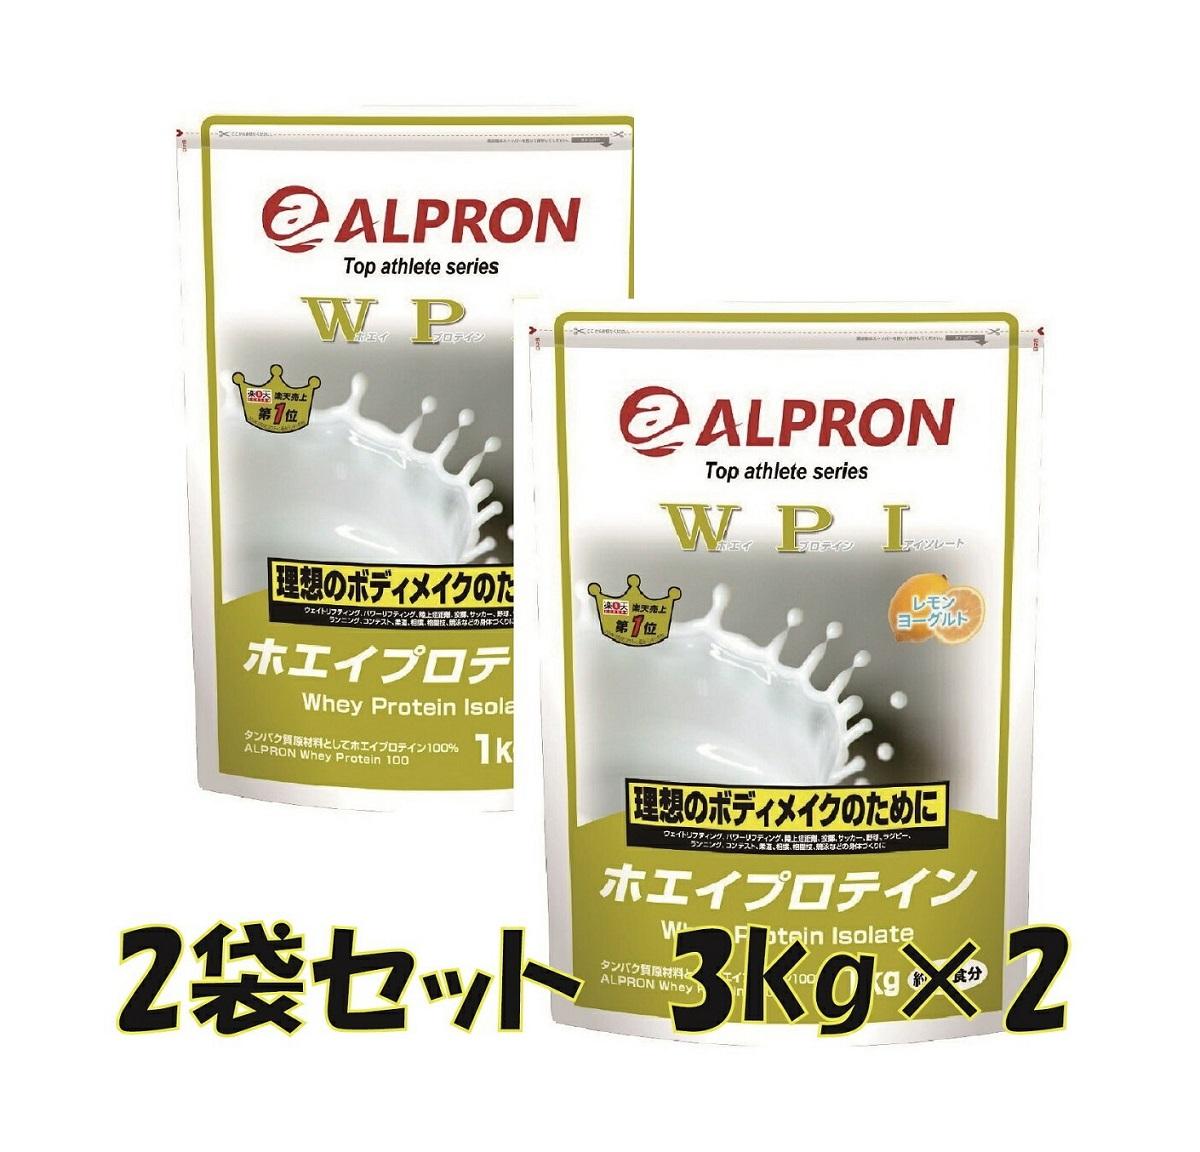 【2袋セット】【送料無料】アルプロン -ALPRON- ホエイプロテイン WPI レモンヨーグルト (3kg)【アミノ酸スコア100】